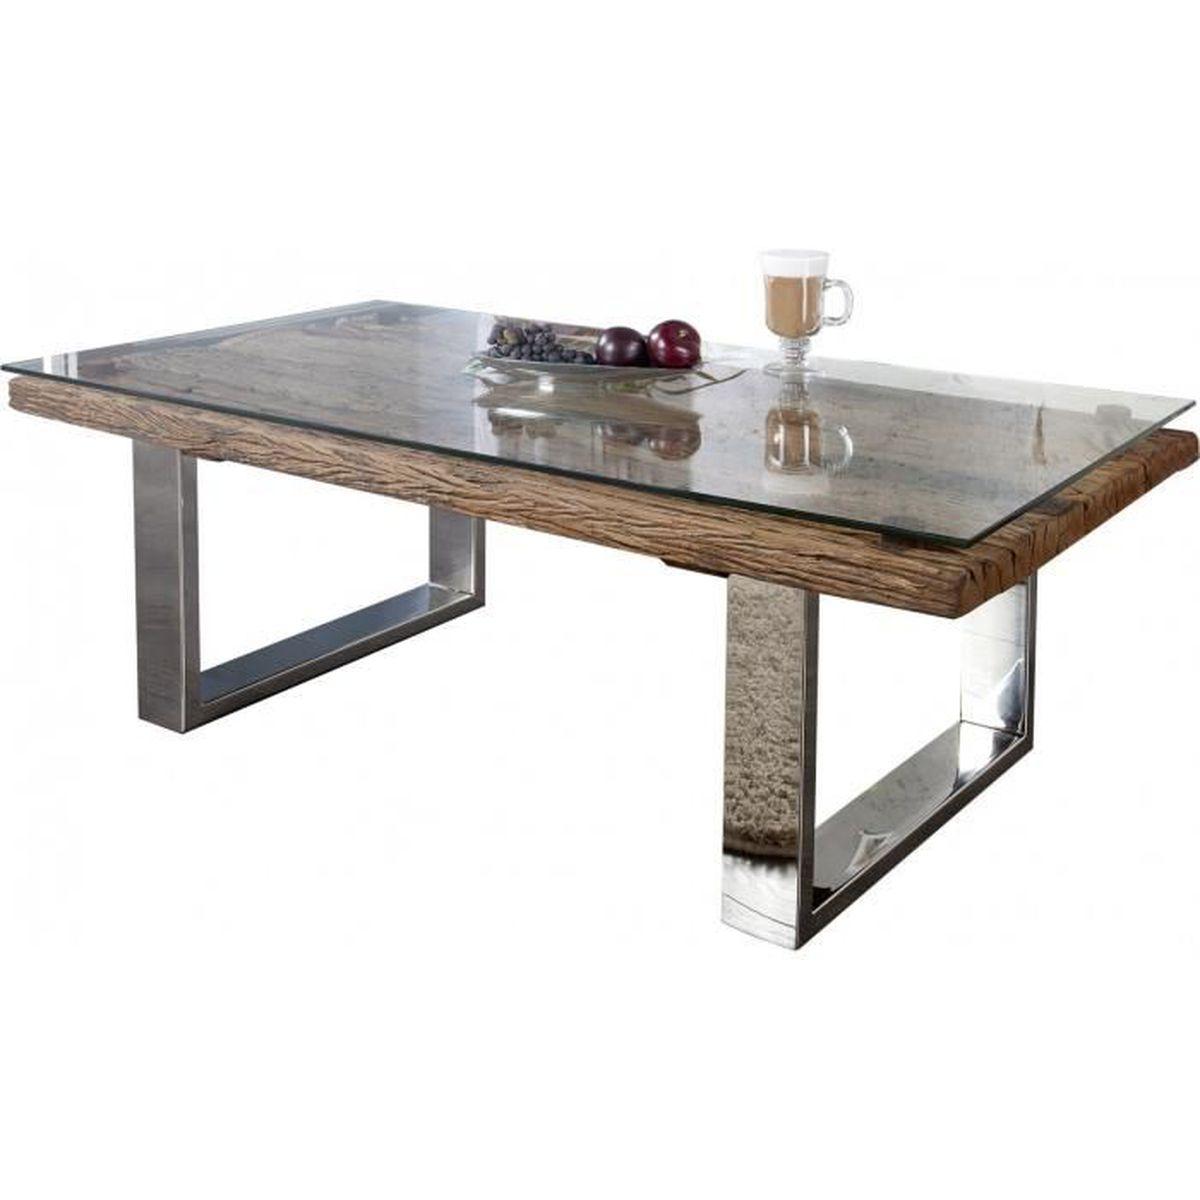 Plateau En Verre Trempe Design Transparent 110x60 Cm Pour Table De